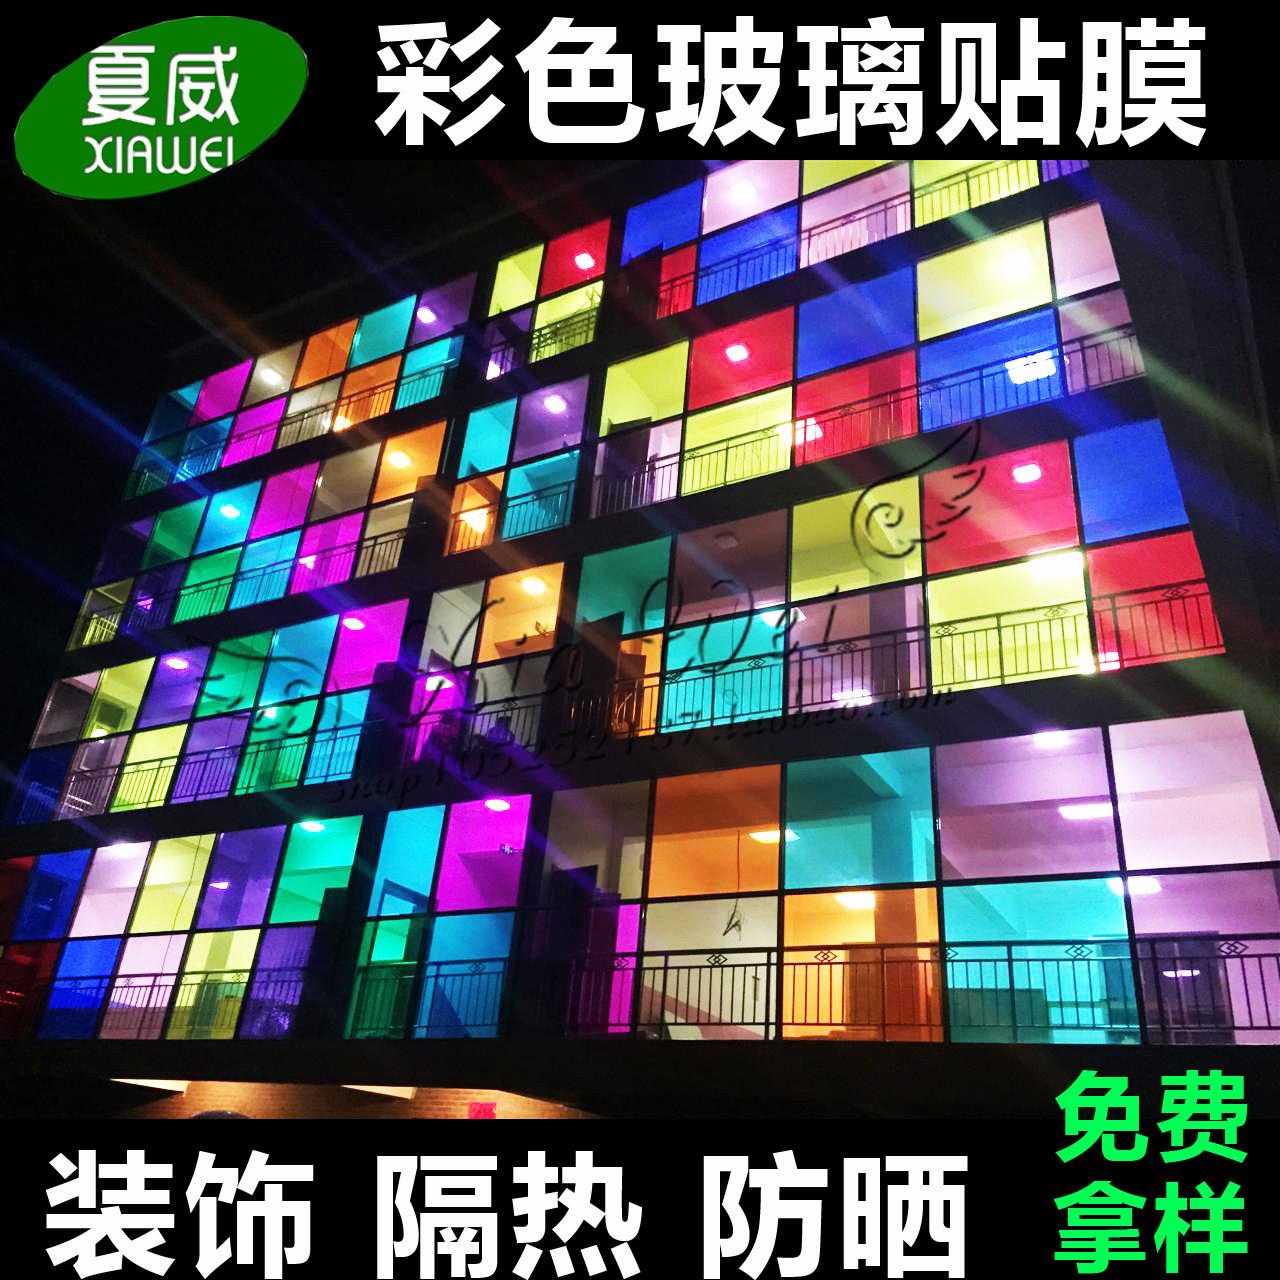 彩色玻璃贴纸窗户玻璃贴膜遮光移门窗玻璃隔热防晒膜透明玻璃贴纸